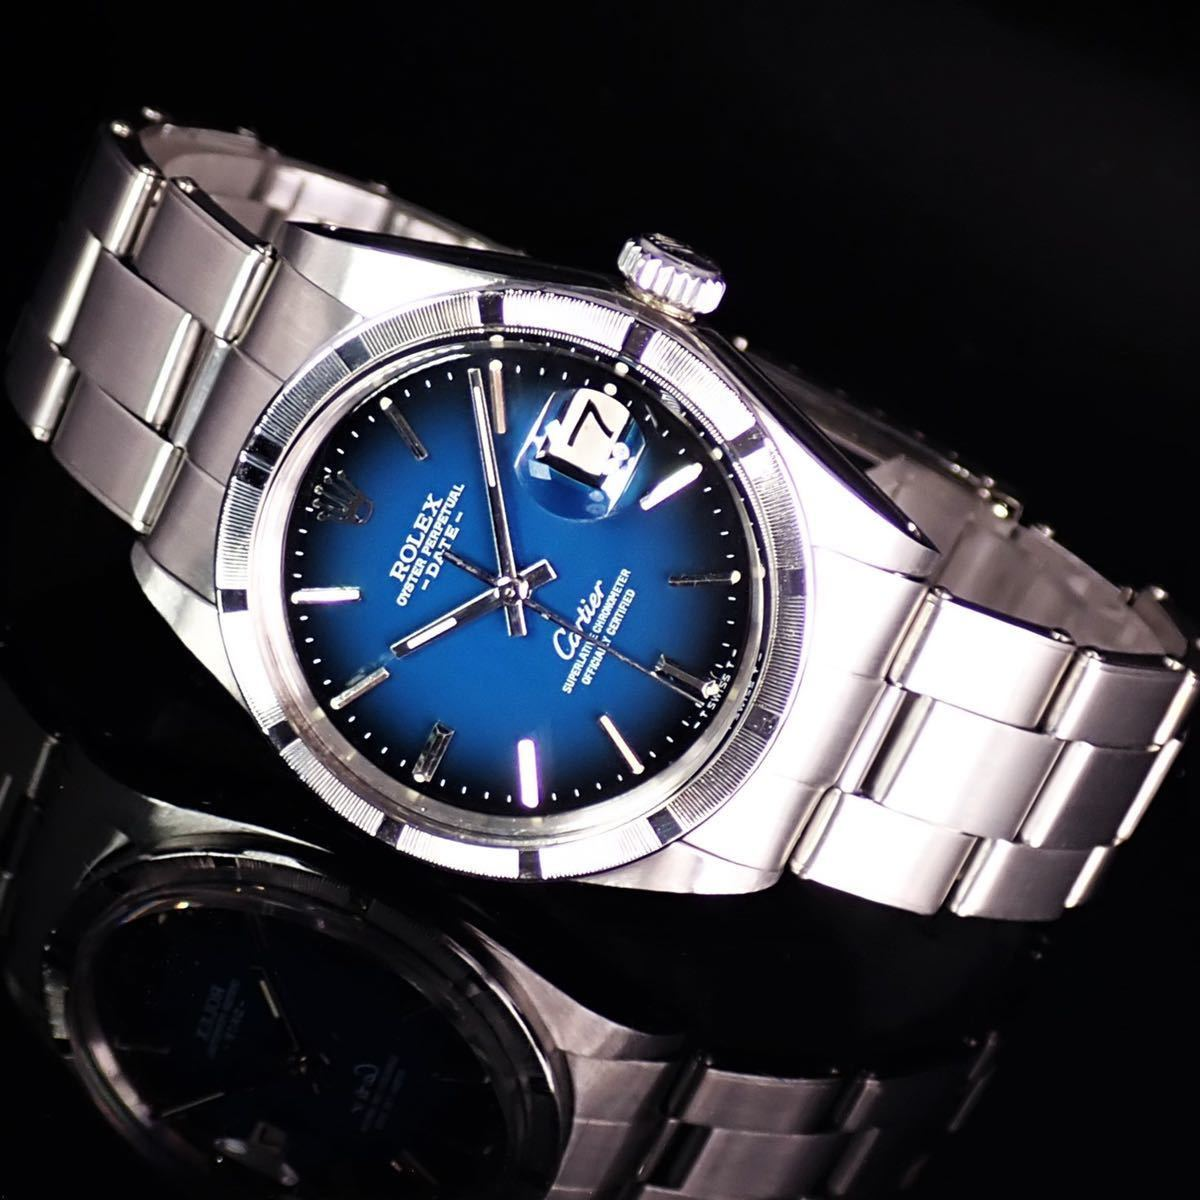 【激レア】本物ロレックス Rolex デイト 1501 ★オーバーホール済★ 希少なブルーグラデーション文字盤 メンズ 腕時計